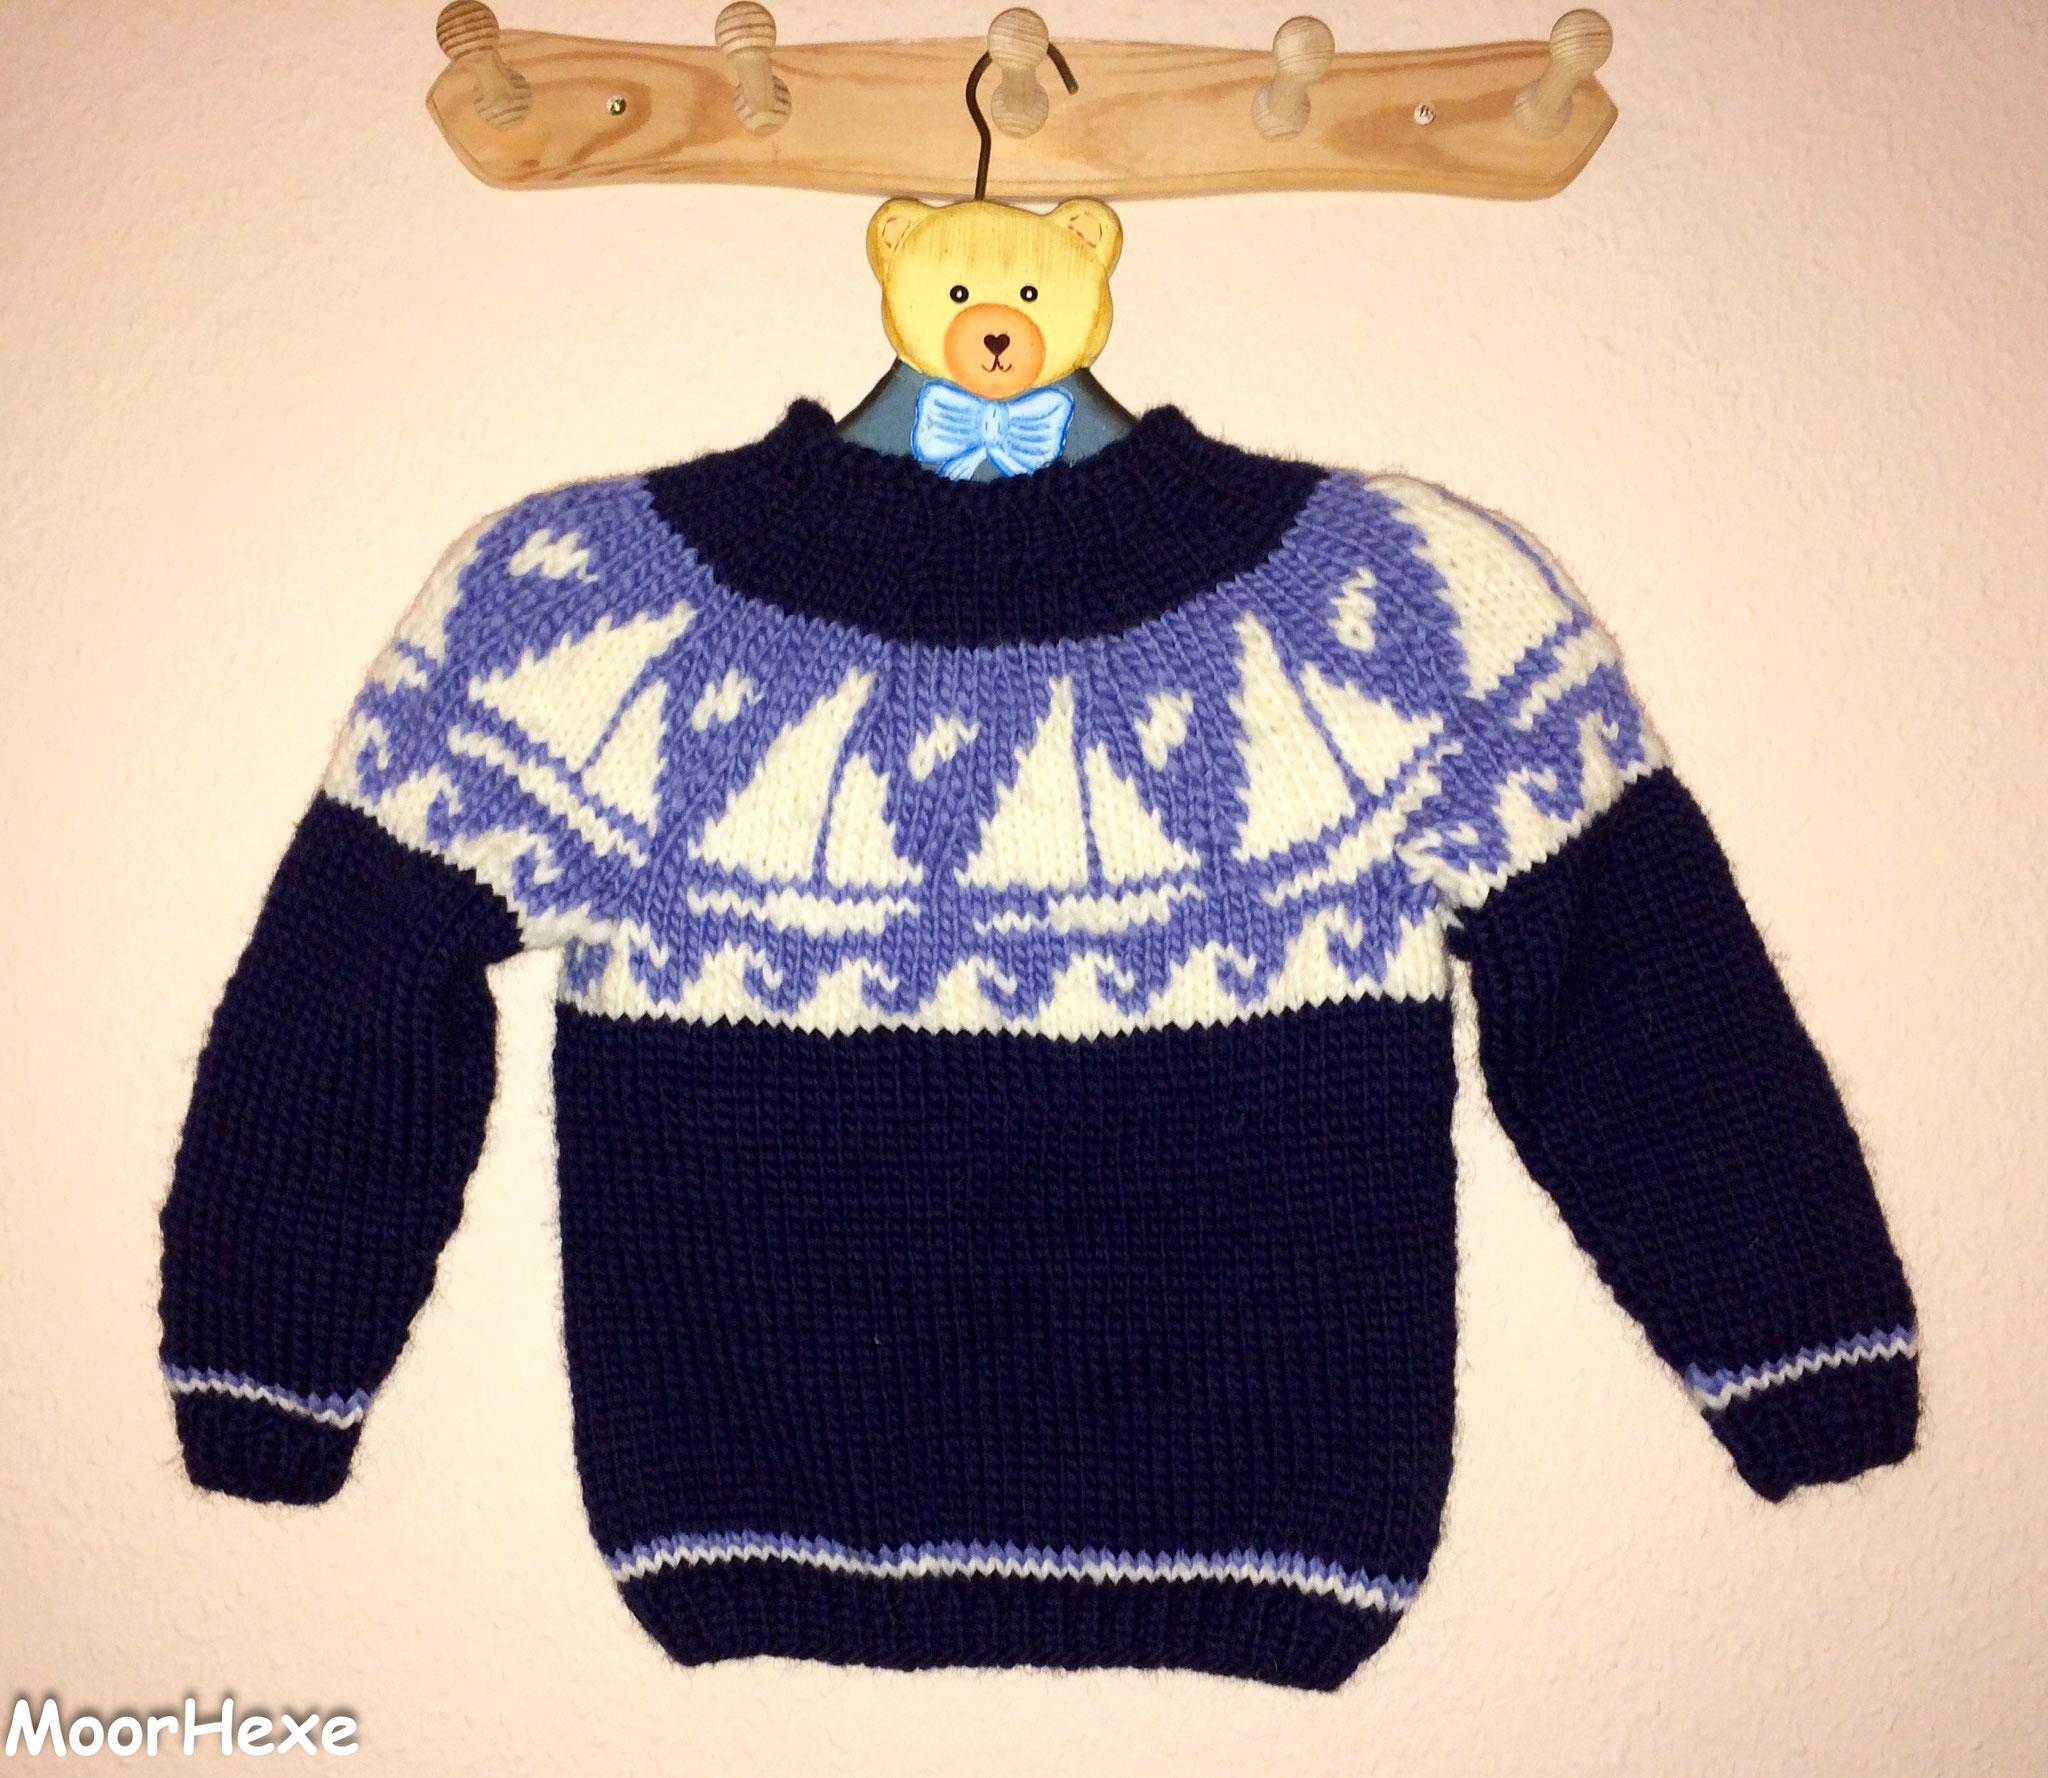 eigene entwürfe - MoorHexe - Wolle & mehr